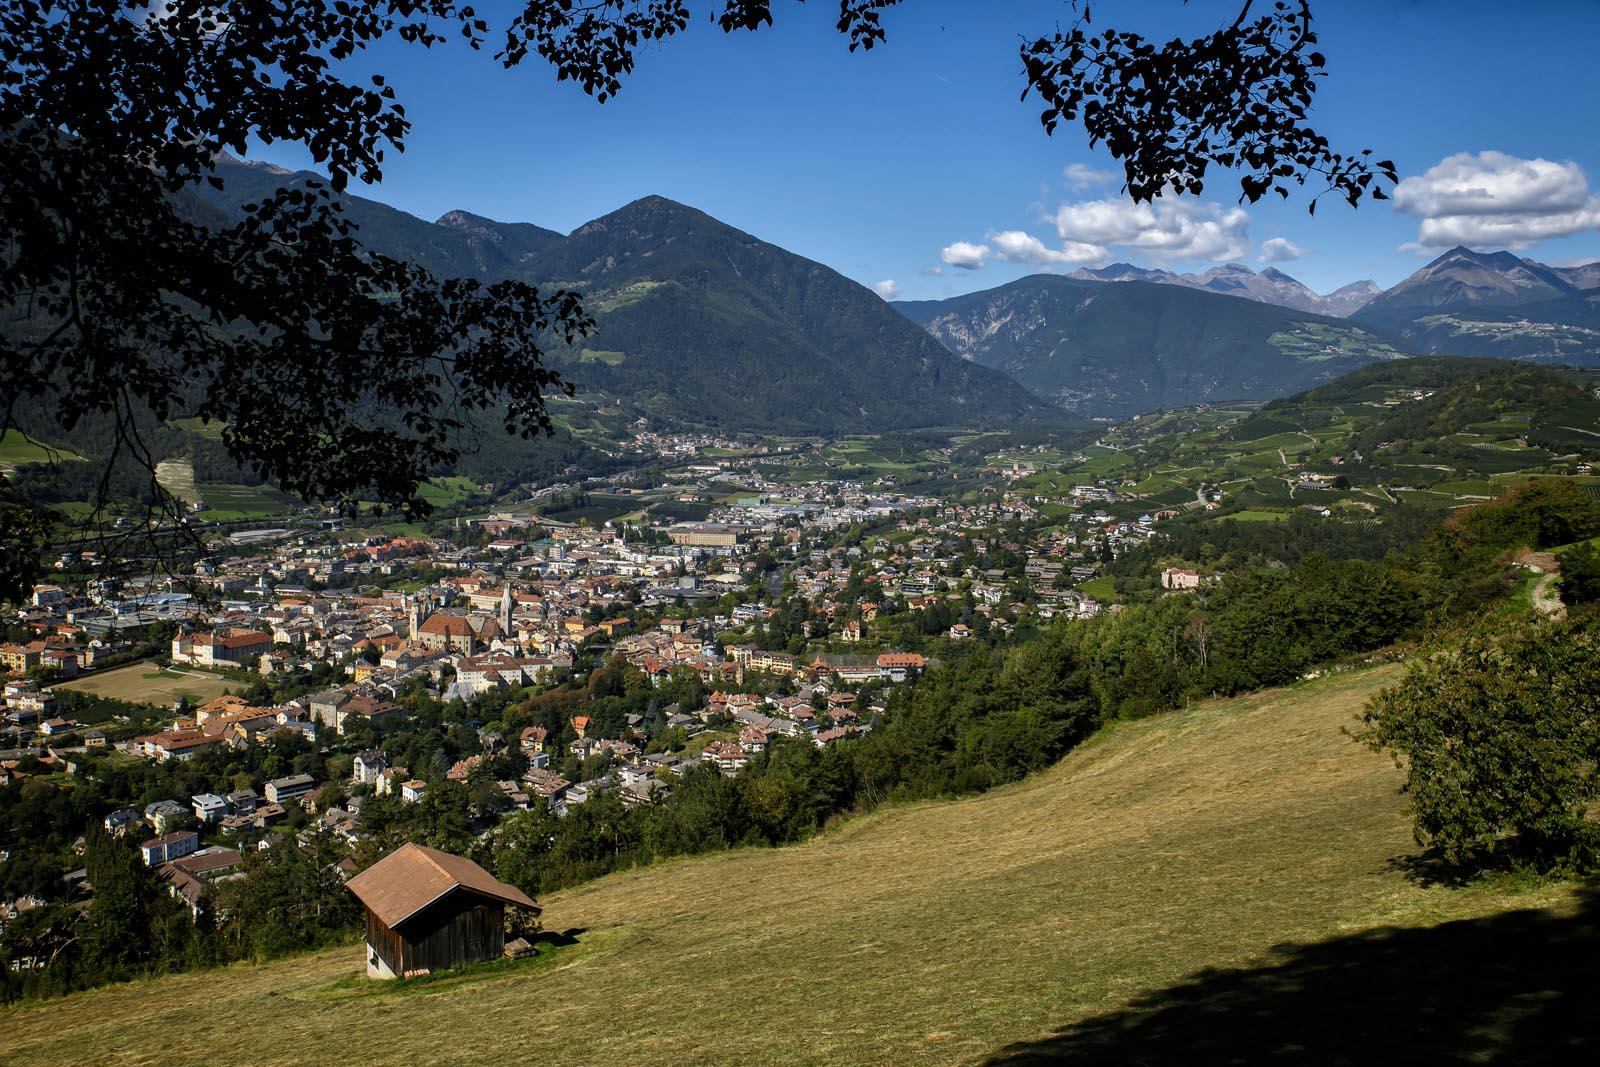 Blick auf Brixen ©Arkadiusz Obszynski